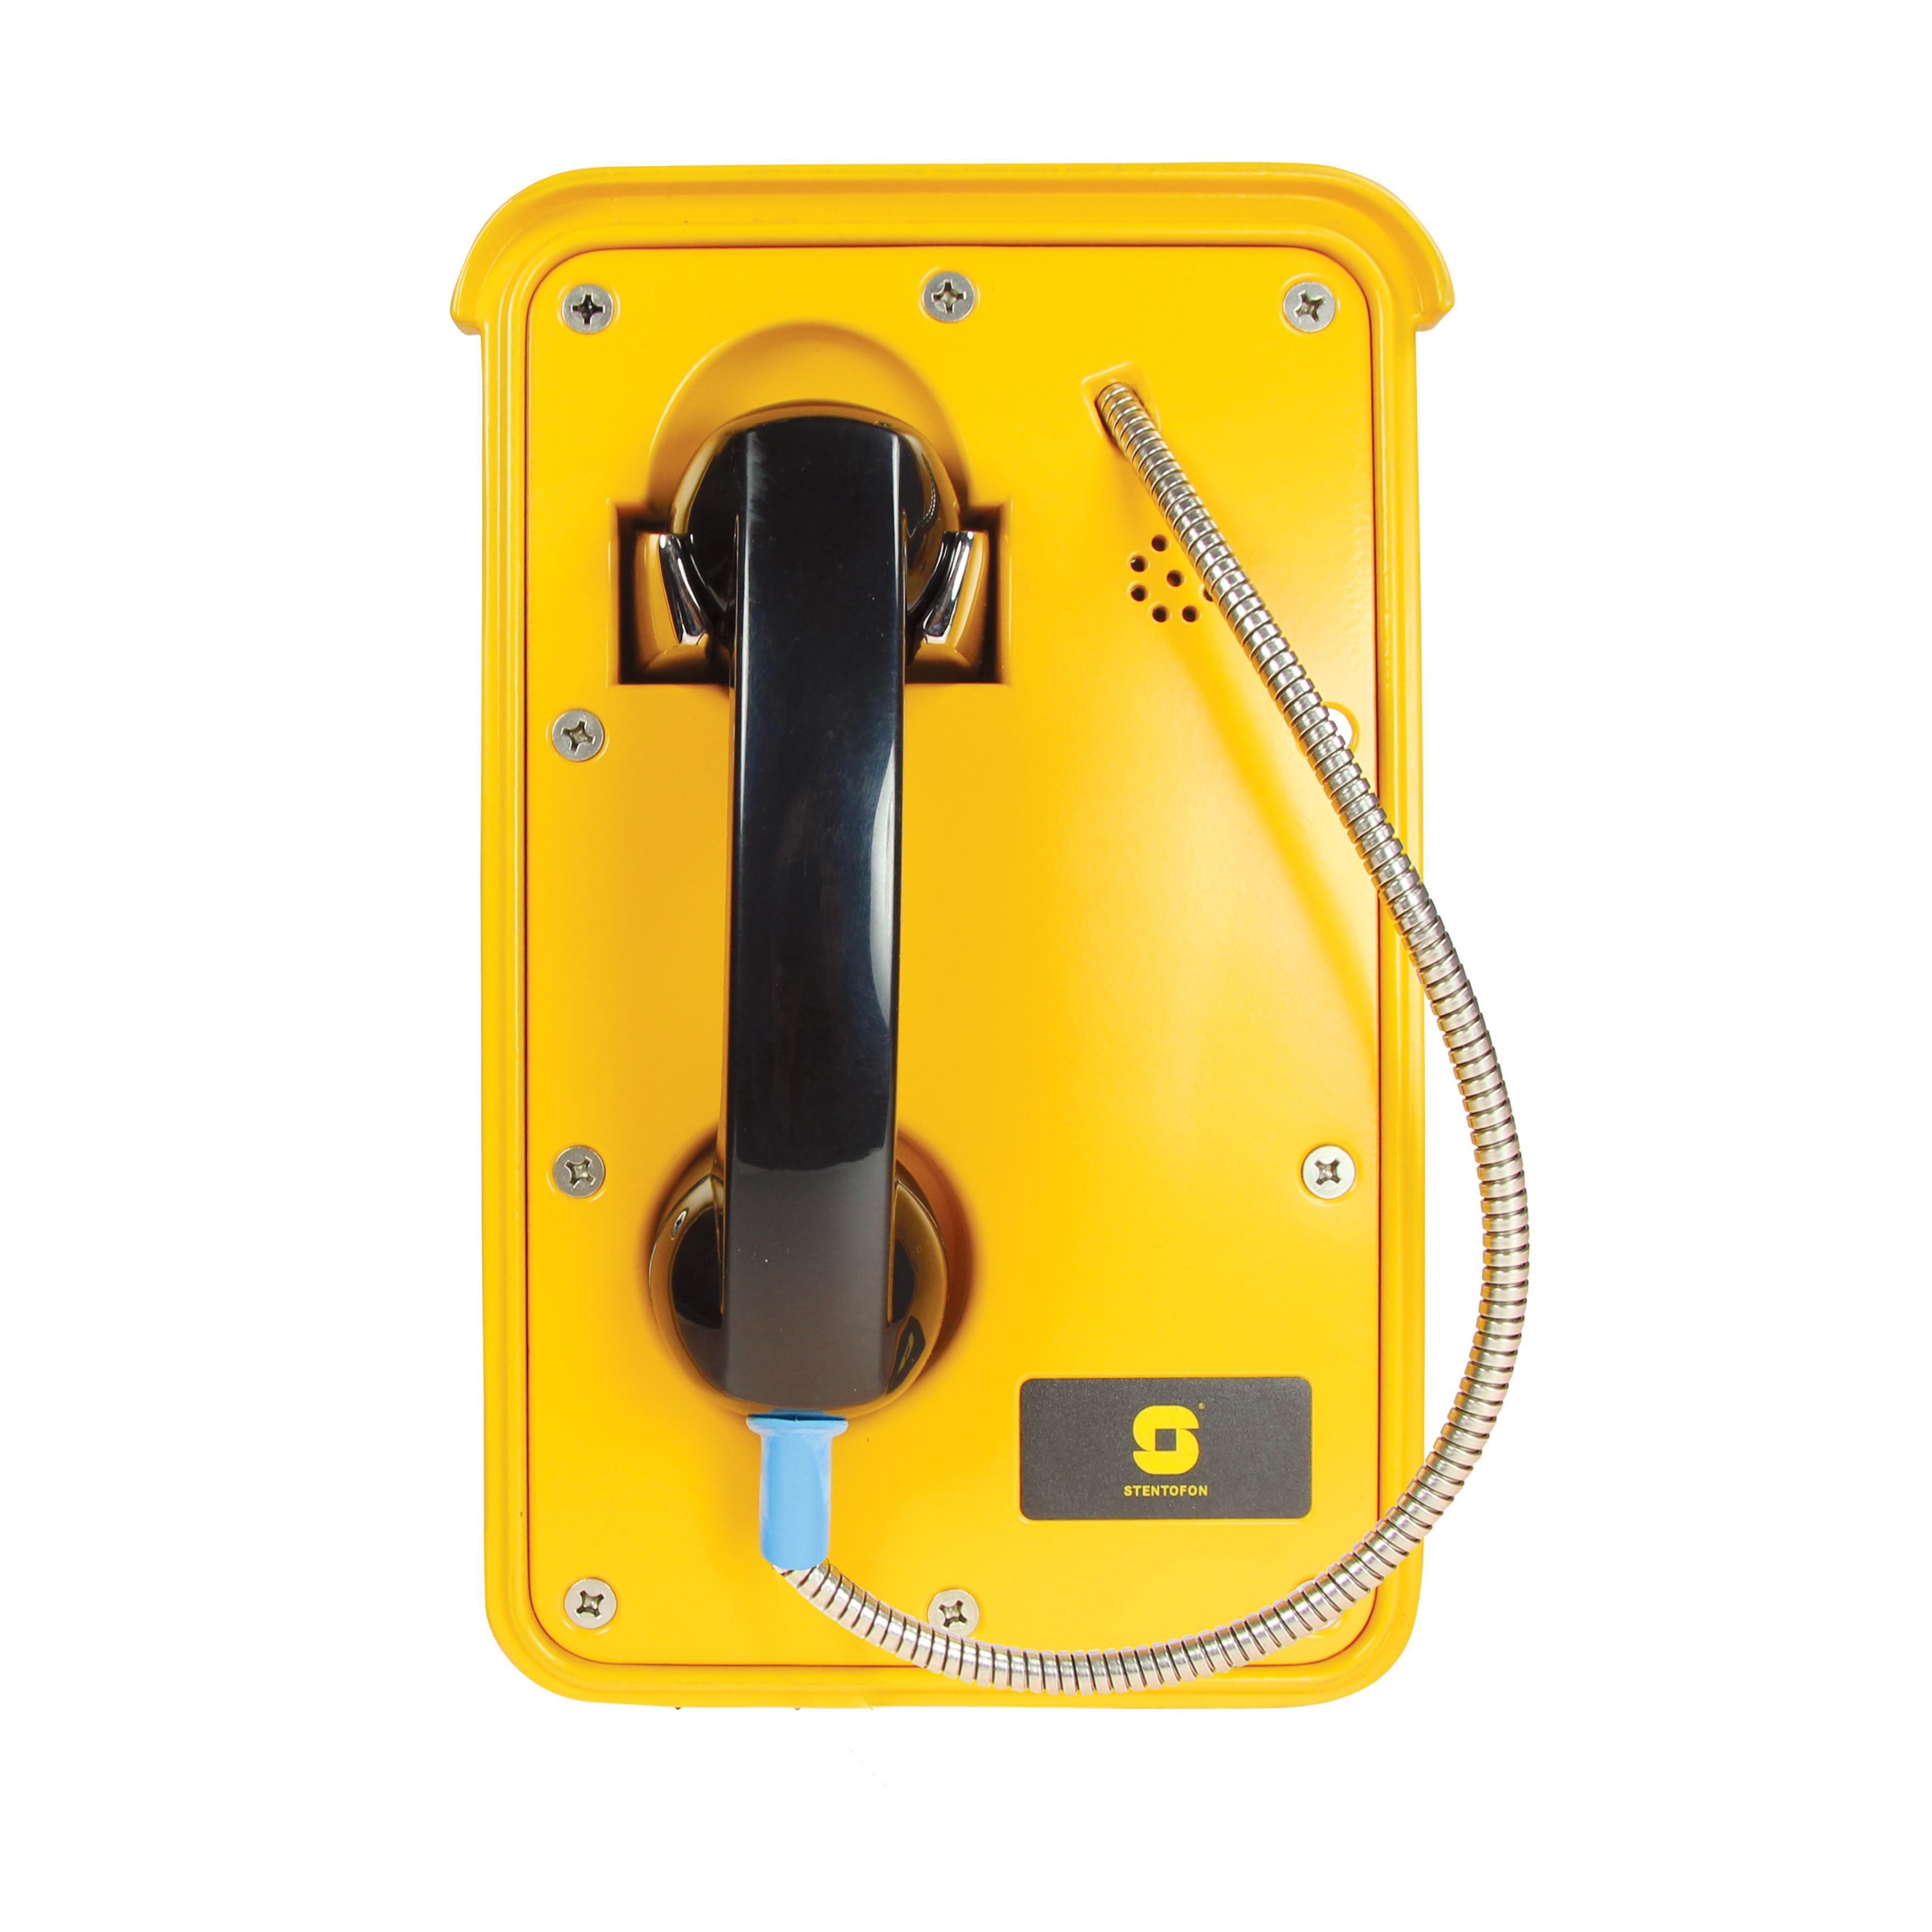 IP-heavy-duty-telephone-hotline